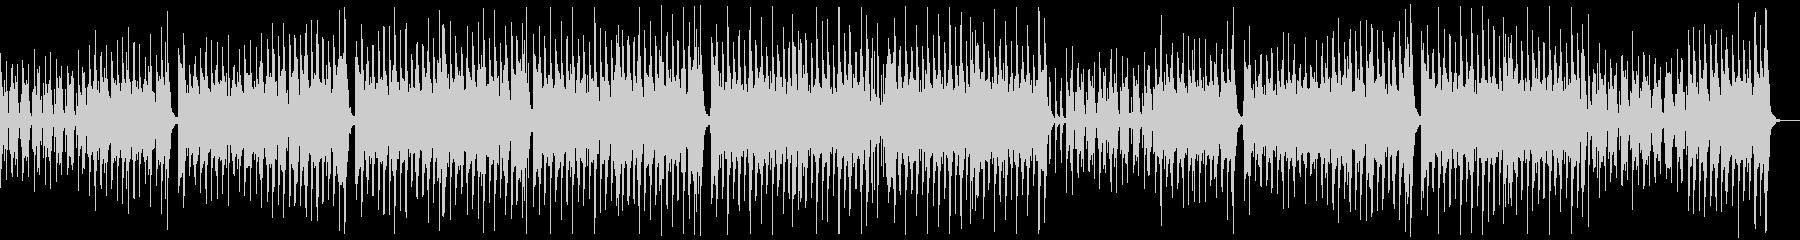 のんびり楽しいレゲエポップ:ギターピアノの未再生の波形